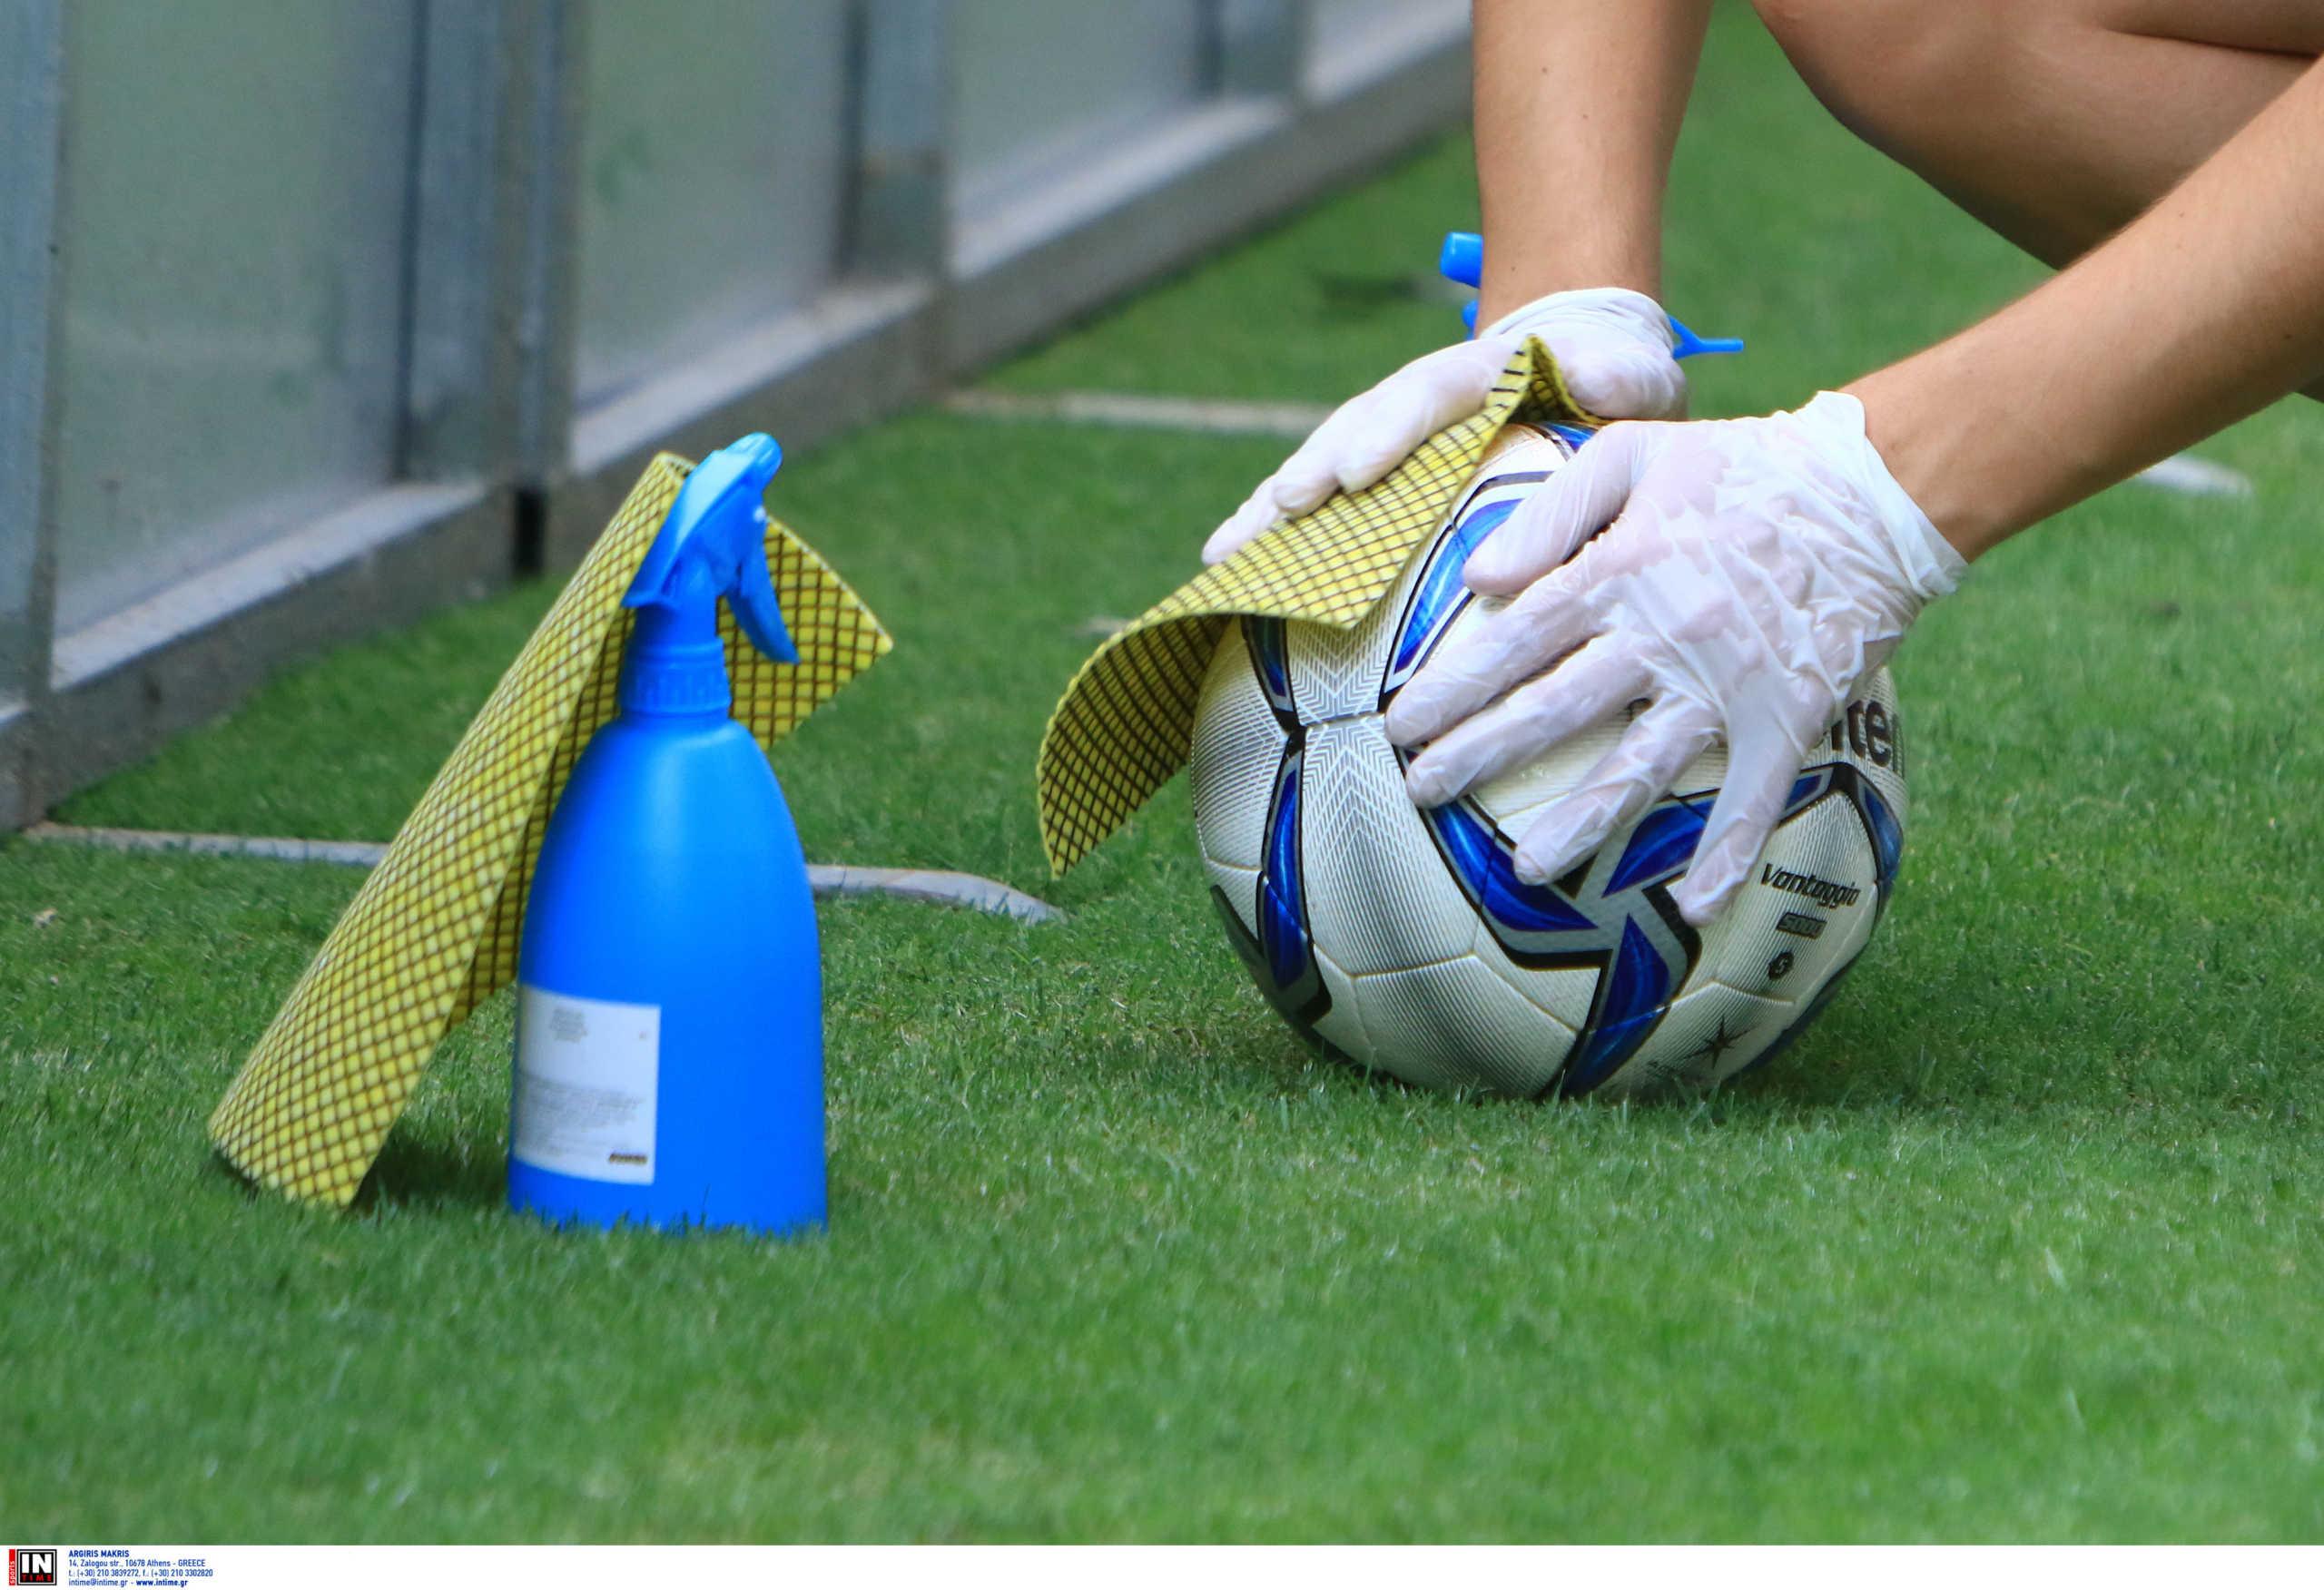 Σοκ στη Βουλγαρία με κορονοϊό: Θετικοί 16 ποδοσφαιριστές σε ομάδα που αγωνίζεται και Έλληνας